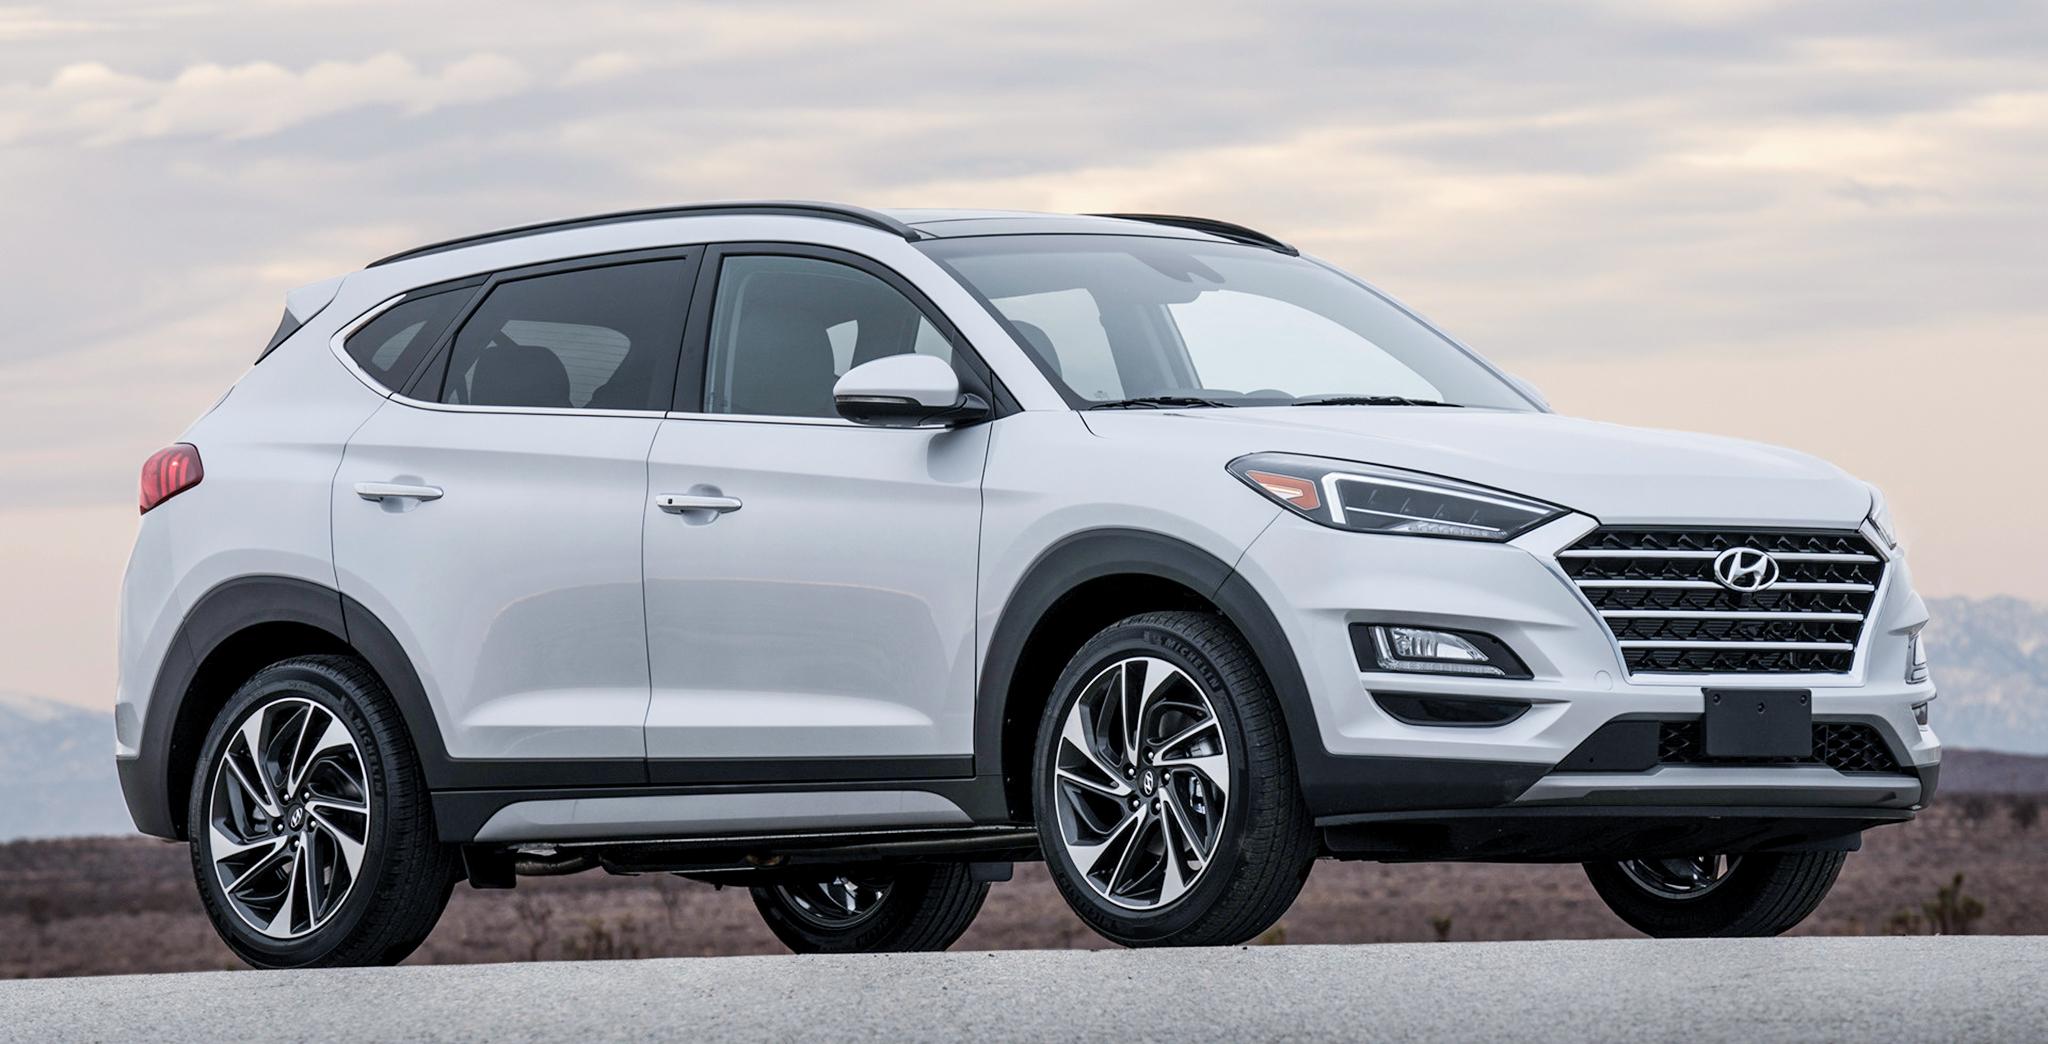 Hyundai Tucson 2019 đạt danh hiệu an toàn Top Safety Pick+